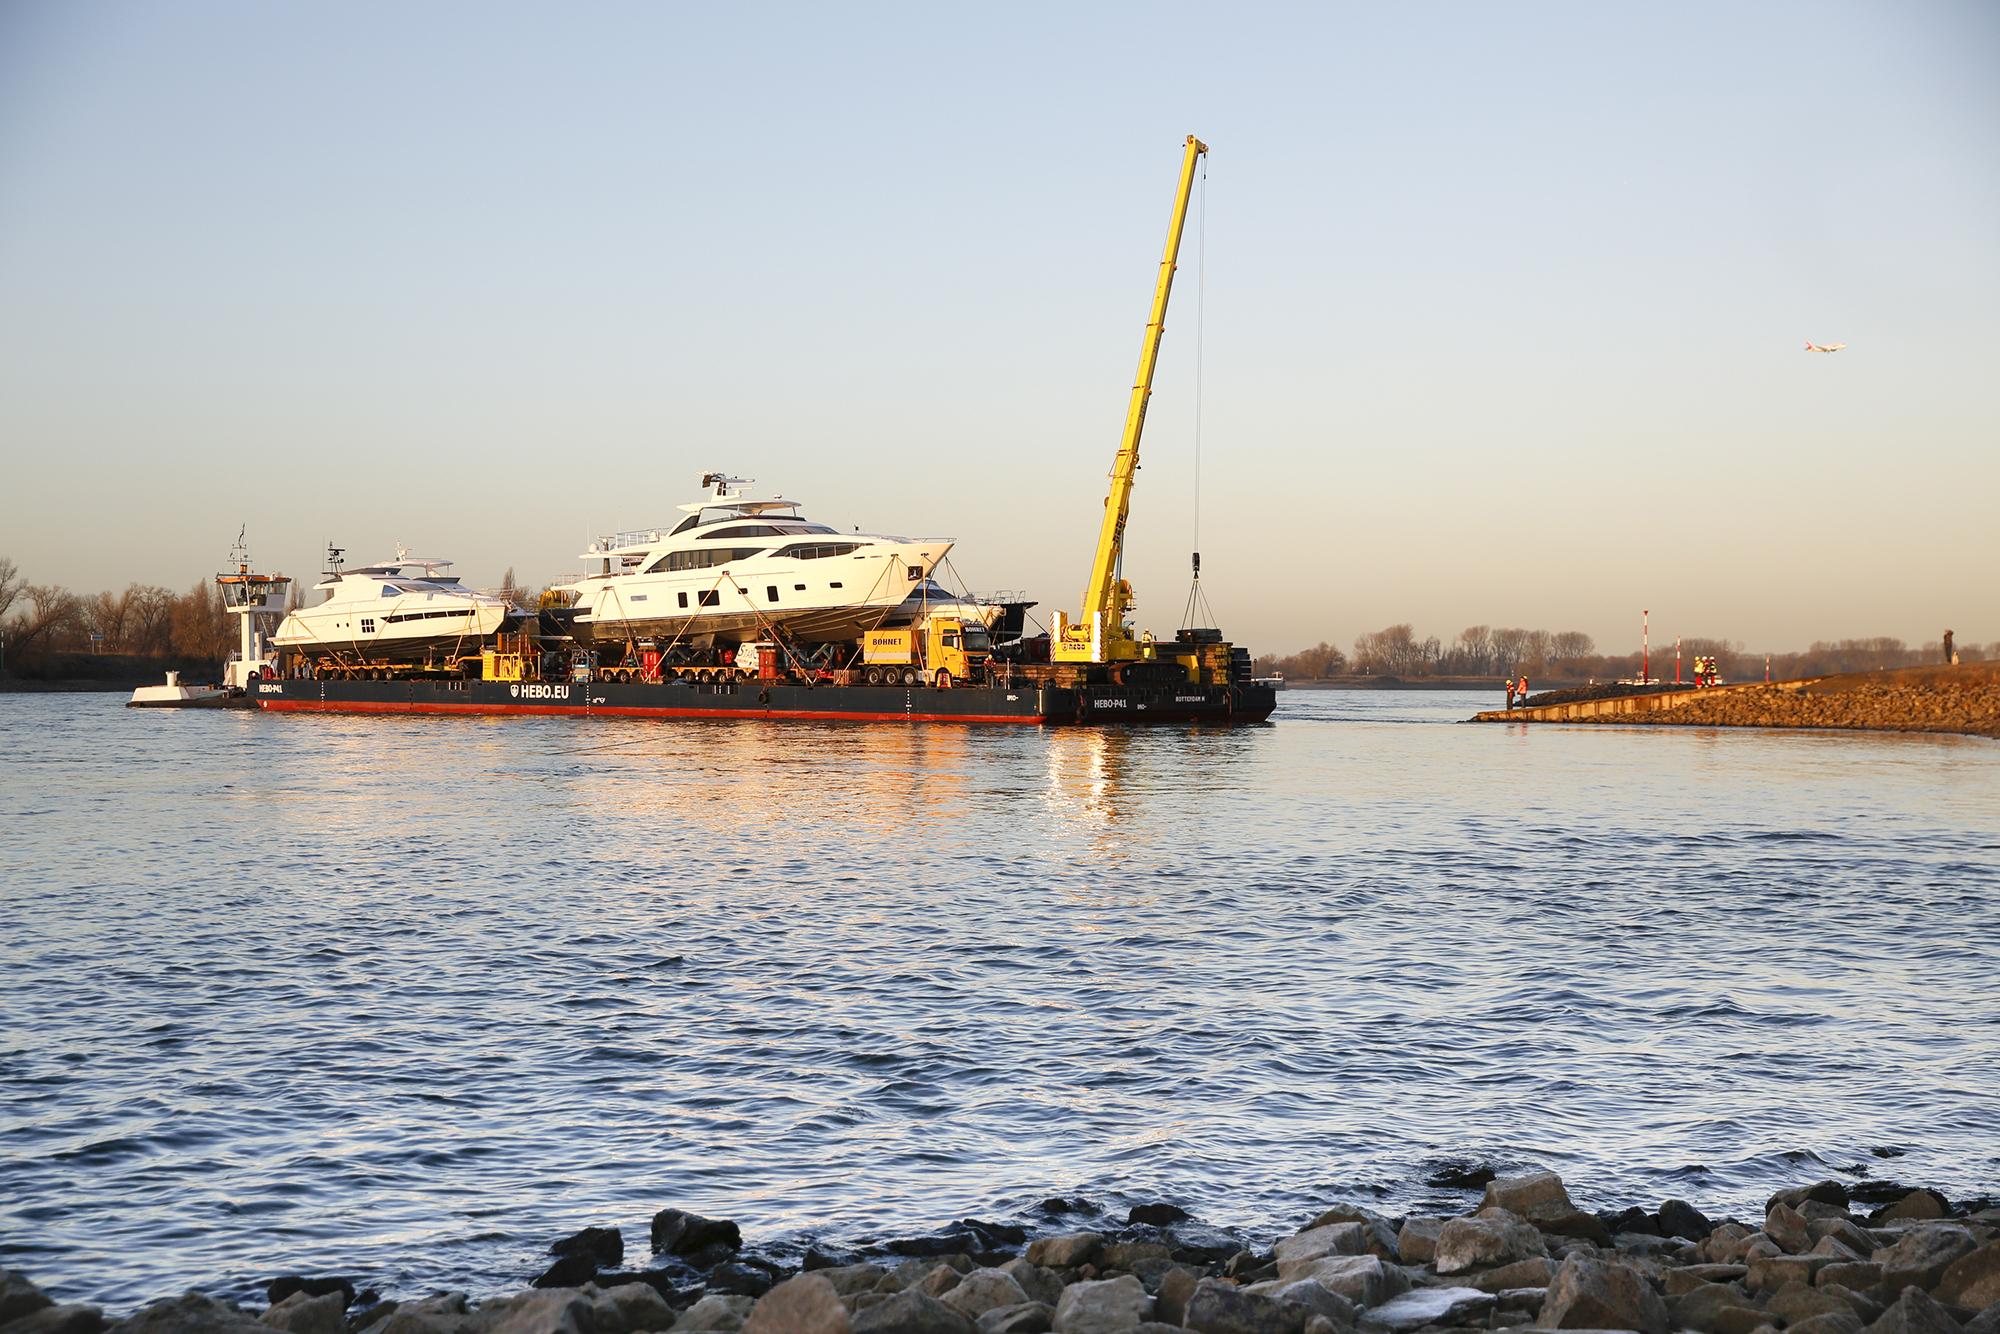 Das neue Jahr beginnt in Düsseldorf mit einem spektakulären Schiffstransport: auf einem 110 Meter langen Ponton reisen sieben Luxus-Motor- und -Segelyachten zur boot 2017. Die Schwergewichte haben vom 21. bis 29. Januar ihre temporäre Heimat in der Halle 6 und der Halle 16 und präsentieren sich dort den staunenden Besuchern. Star des Transports ist die Princess 30M (99 Fuß). Die stolze Prinzessin – auf der boot in der Halle 6/Stand B21 zu bestaunen - aus dem Vereinigten Königreich ist gleichzeitig auch die größte und mit einem Einstiegspreis von 7,4 Millionen Euro auch die teuerste Yacht, die es auf der boot zu sehen gibt. Nicht minder schön und schnittig sind die Italienerinnen aus den Azimut (Halle 6/Stand D57/D58) und Ferretti (Halle 6/Stand D27/E21) Werften. Die Azimut Magellano M66 (20,15 Meter) kostet 1,85 Millionen Euro, die Azimut 72 (22,64 Meter) wechselt für 2,75 Millionen Euro den Besitzer, die Azimut 77 S (23,6 Meter) gibt es für 3,3 Millionen Euro und der Preis für die Ferretti 700 Yachts (21,58 Meter) liegt bei 2,43 Millionen Euro. Hinzu kommt mit der Monte Carlo 70 (21,3 Meter) für über 3 Millionen Euro ein französisch/italienisches Schmuckstück (Halle 6/Stand B27). Ebenfalls an Bord ist die britische Oyster 675 (21,07 Meter). Das klassisch-schöne Segelschiff (Halle 16/Stand C58) kostet 2,48 Millionen britische Pfund (umgerechnet ca. 2,92 Millionen Euro). Die Schiffe traten ihre Reise über den Rhein am 2. Januar im niederländischen Rotterdam an. Für die nötige Antriebskraft sorgte Schubschiff Catherina 4, dass das Ponton mit einer maximalen Schubkraft von 4,7 Knoten (8,7 kmh) in etwas mehr als drei Tagen zum Düsseldorfer Messeanleger transportierte. Am frühen Donnerstagmorgen erreichte es mit seiner wertvollen Fracht sein Ziel. Dort waren die erfahrenen Transporteure des Logistikunternehmens Kühne und Nagel schnell zur Stelle und bauten eine Transportbrücke von der Düsseldorfer Messerampe zum Ponton.  Über eine Seilwinde w